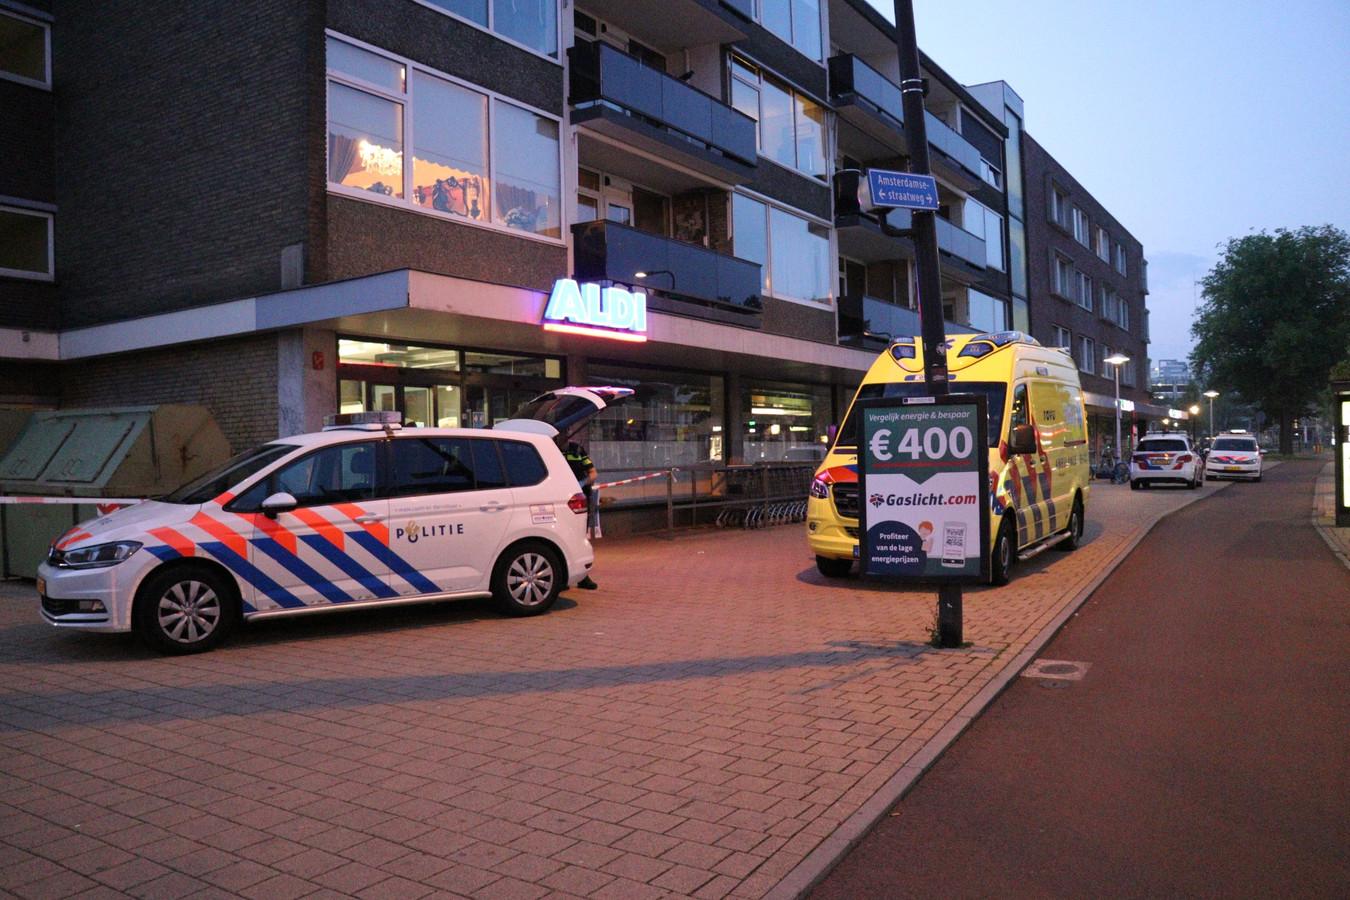 Politie en ambulance bij de woning aan de Amsterdamsestraatweg waar overvallers het gemunt hadden op een oudere bewoner.